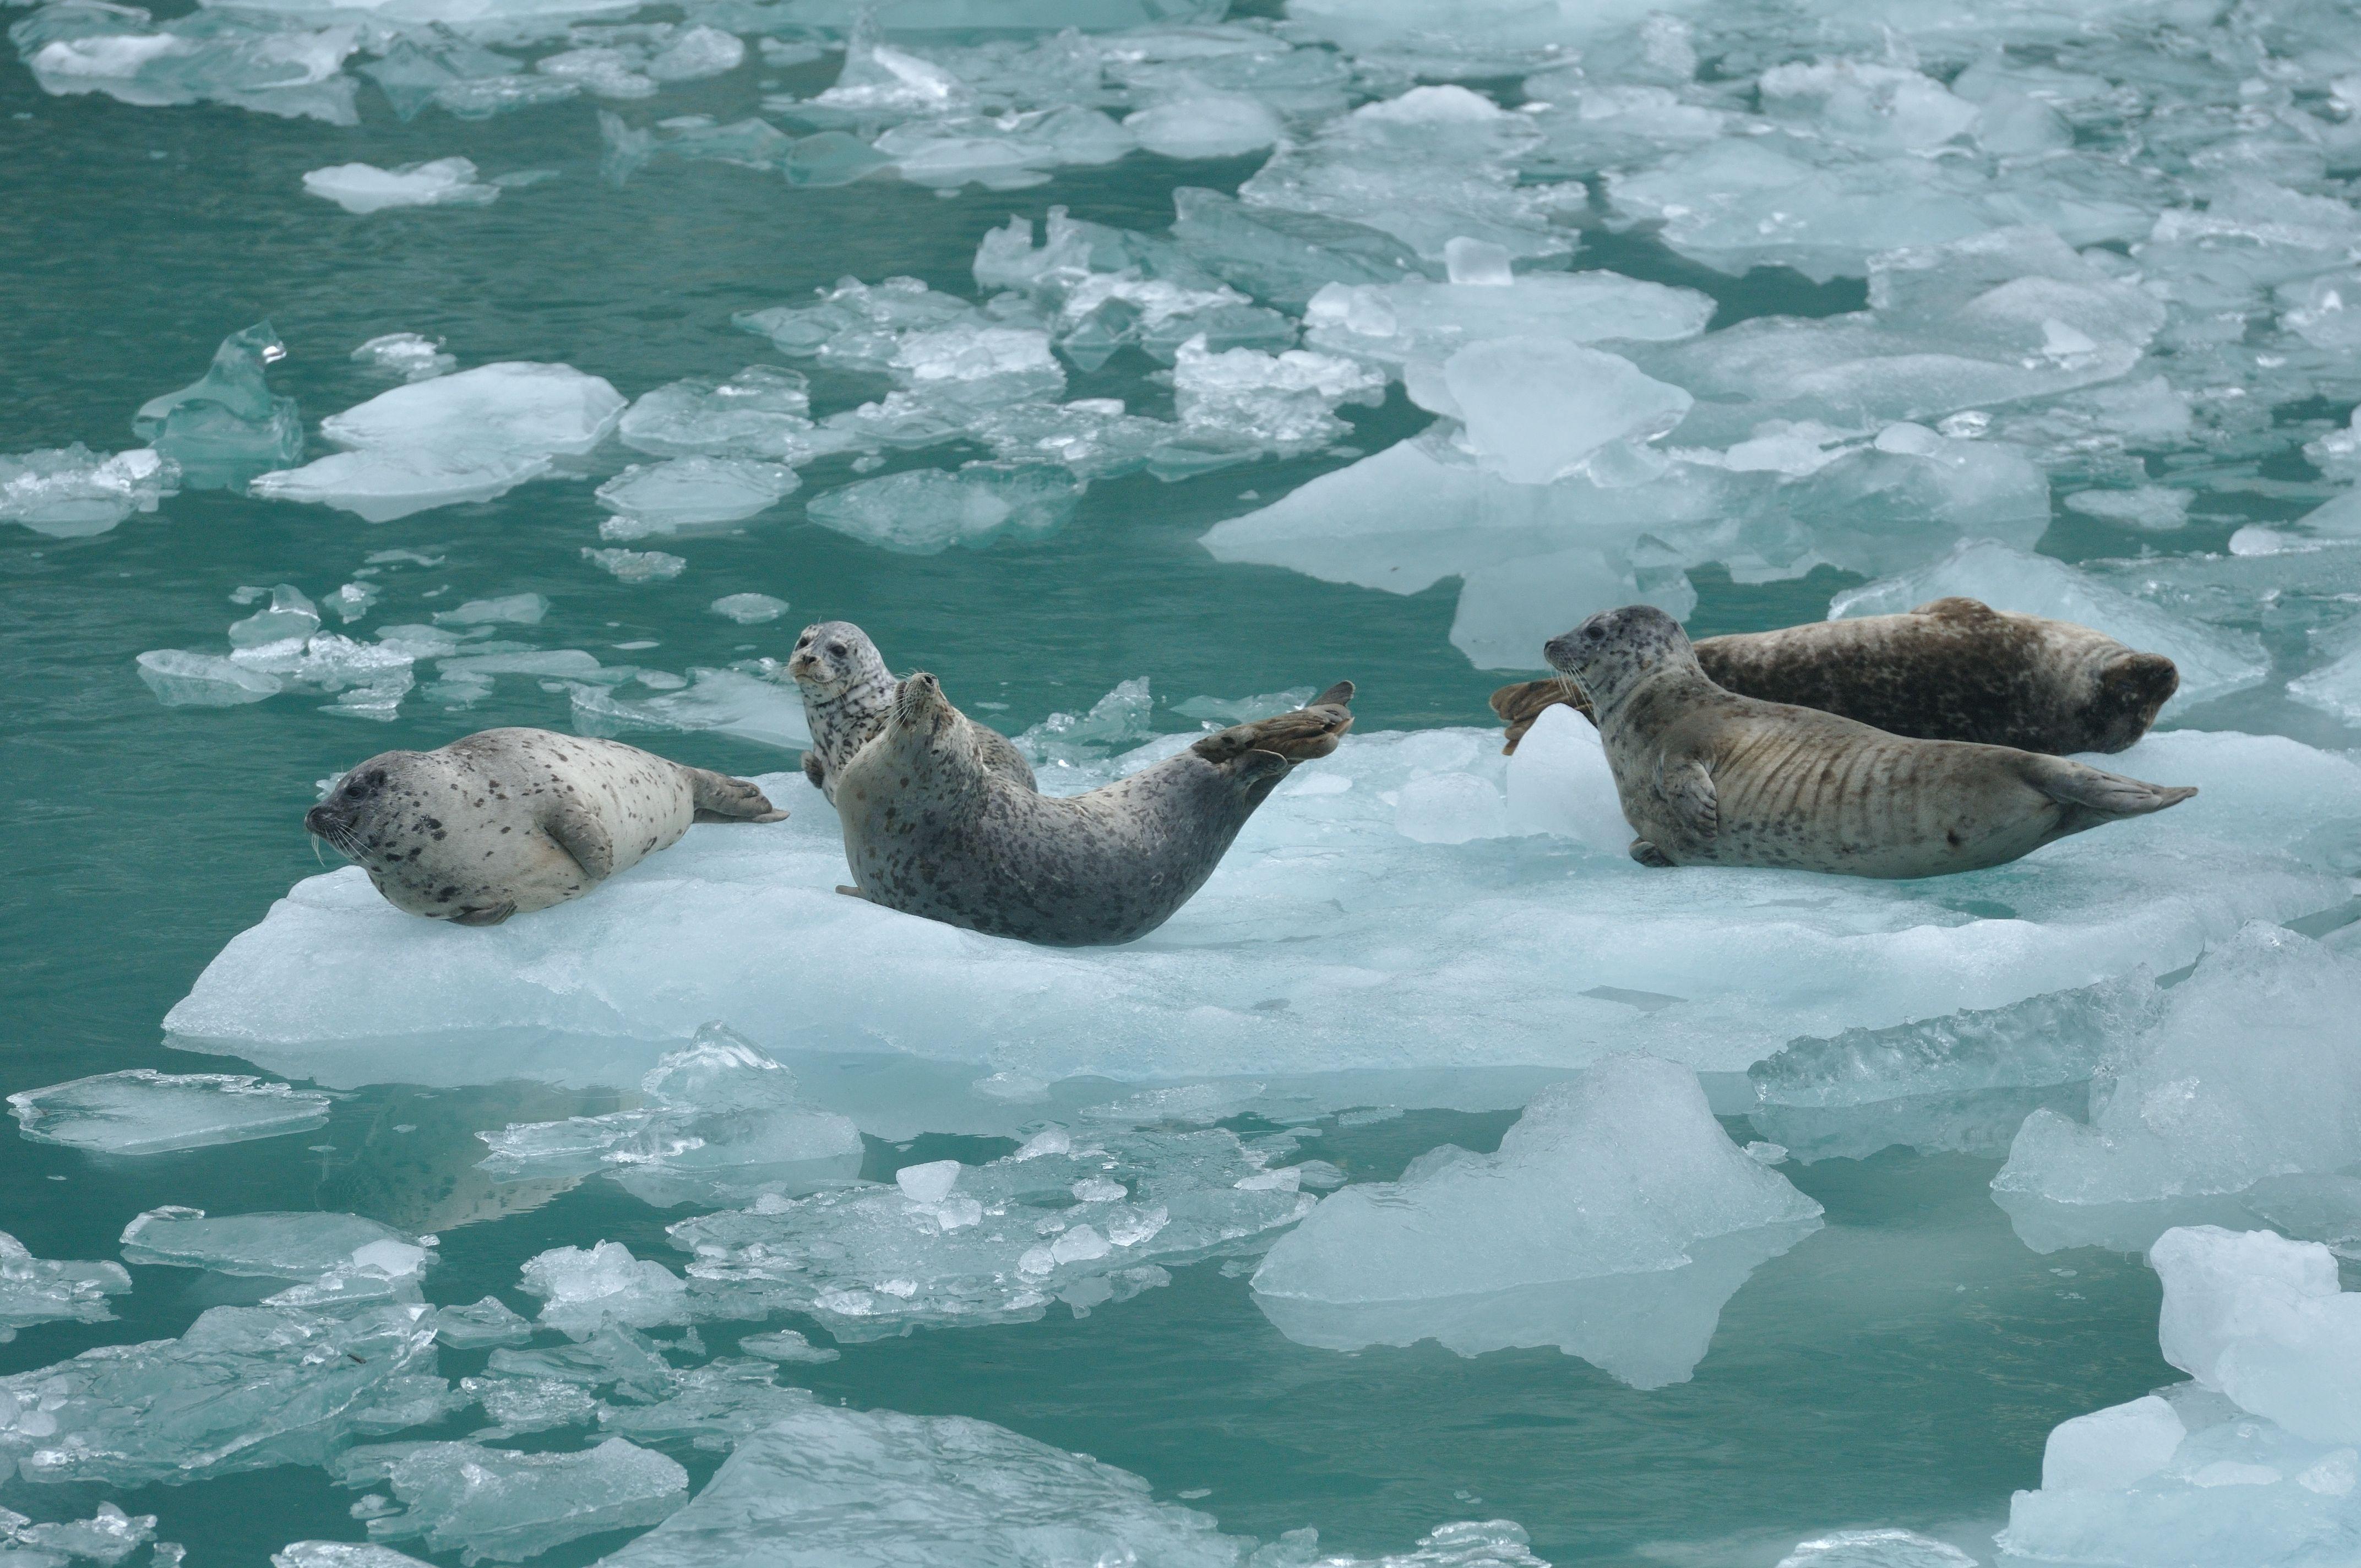 La fauna dels glaciars d'Alaska Alaska, Fauna, Rocosas